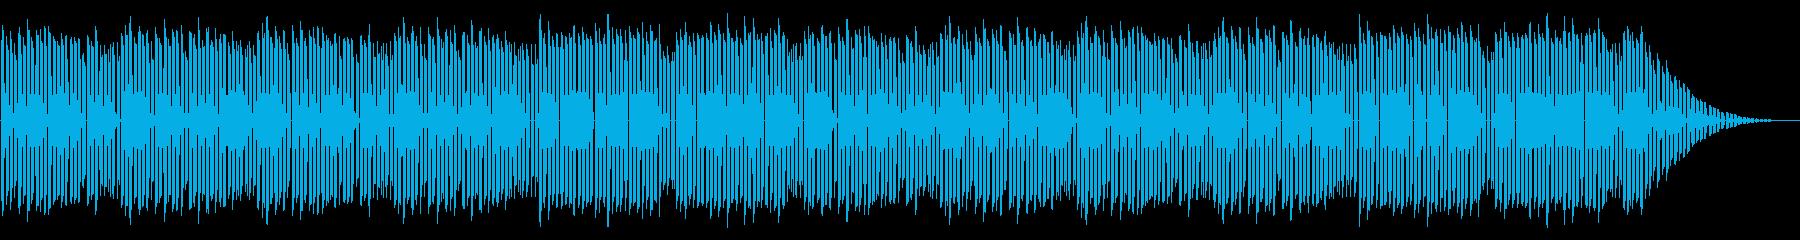 NES 和風 A02-1(ステージ1) の再生済みの波形